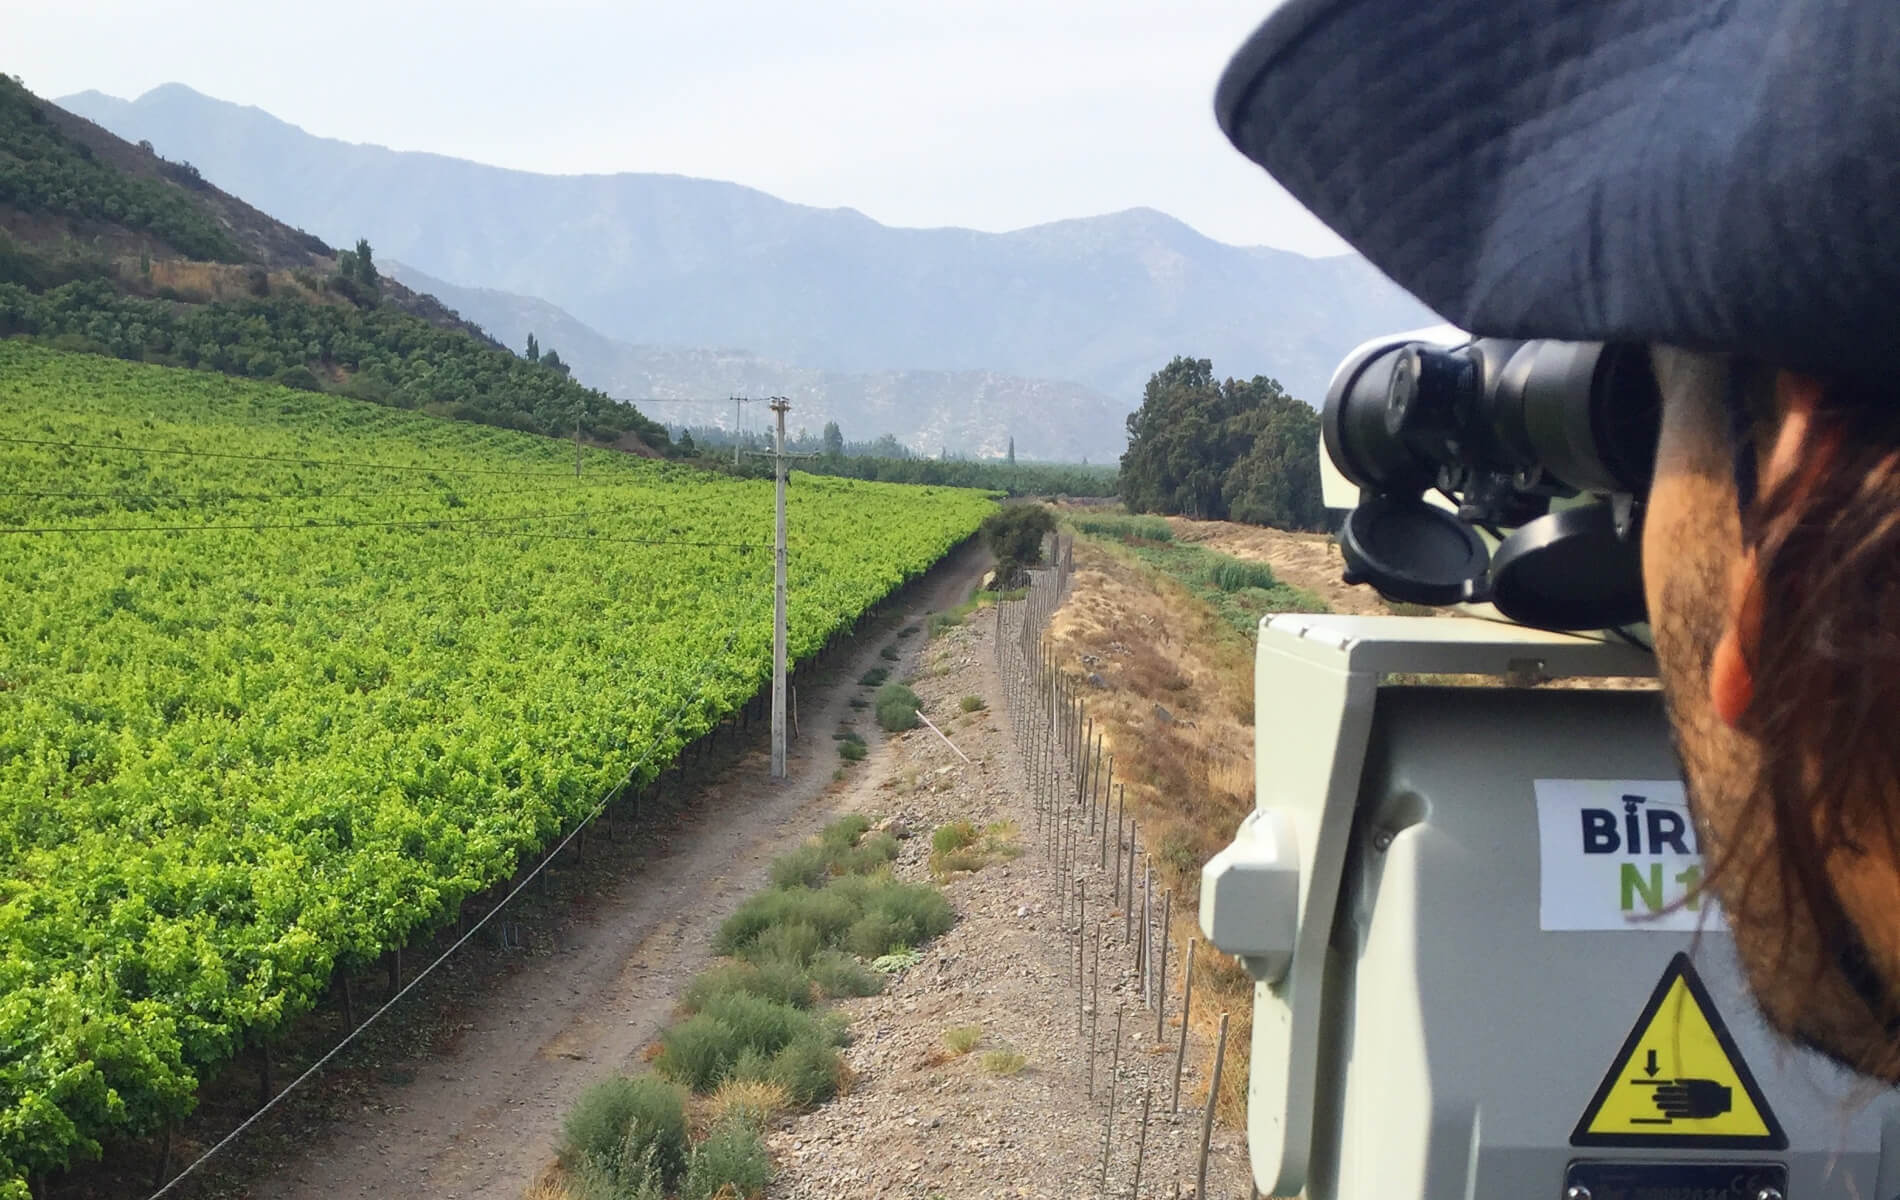 La tecnología láser acabó con el picoteo en estos productores de uva